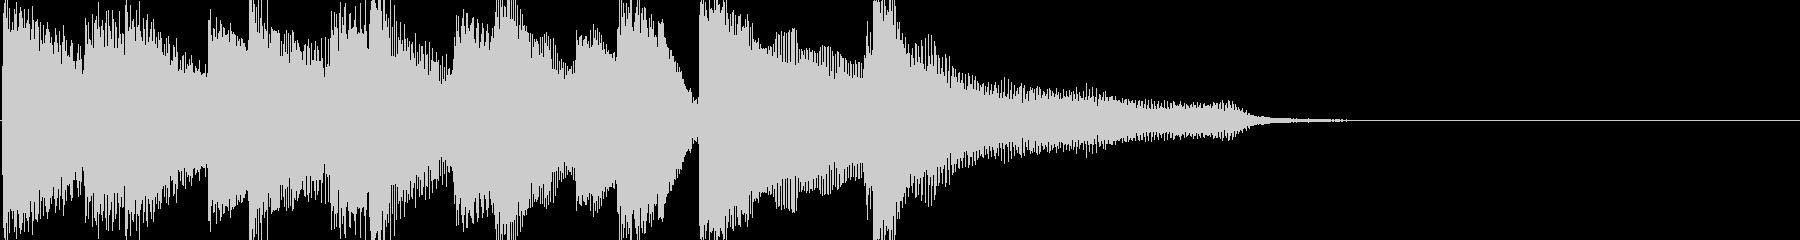 ウキウキピアノの軽快なジングルの未再生の波形